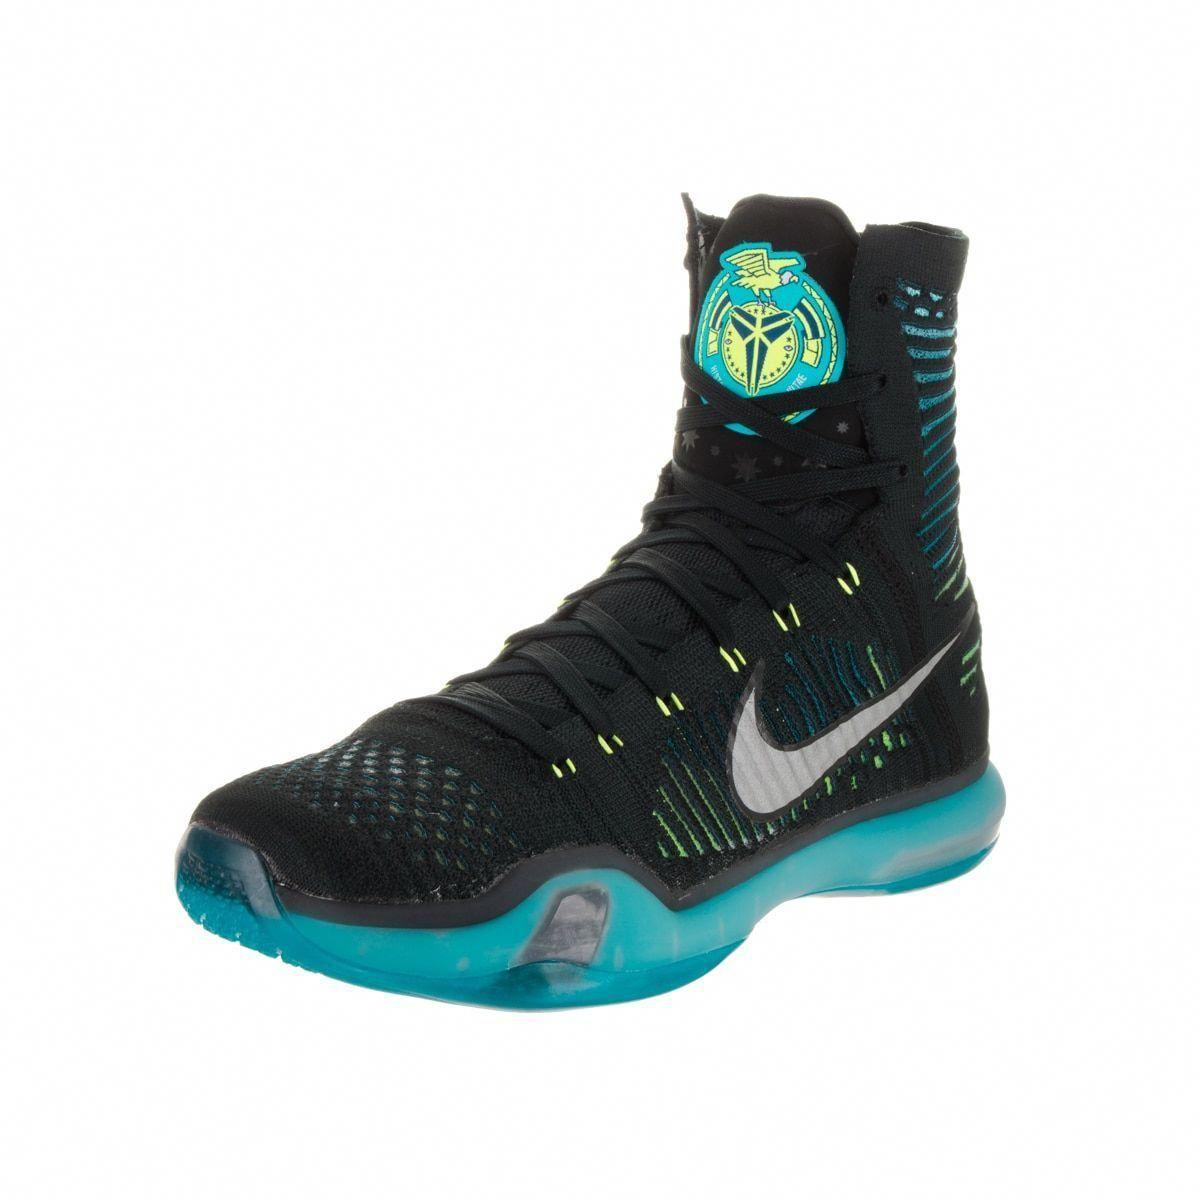 df617d9a2a4 Nike Men s Kobe X Elite and Blue High-top Basketball Shoes  FsuBasketball